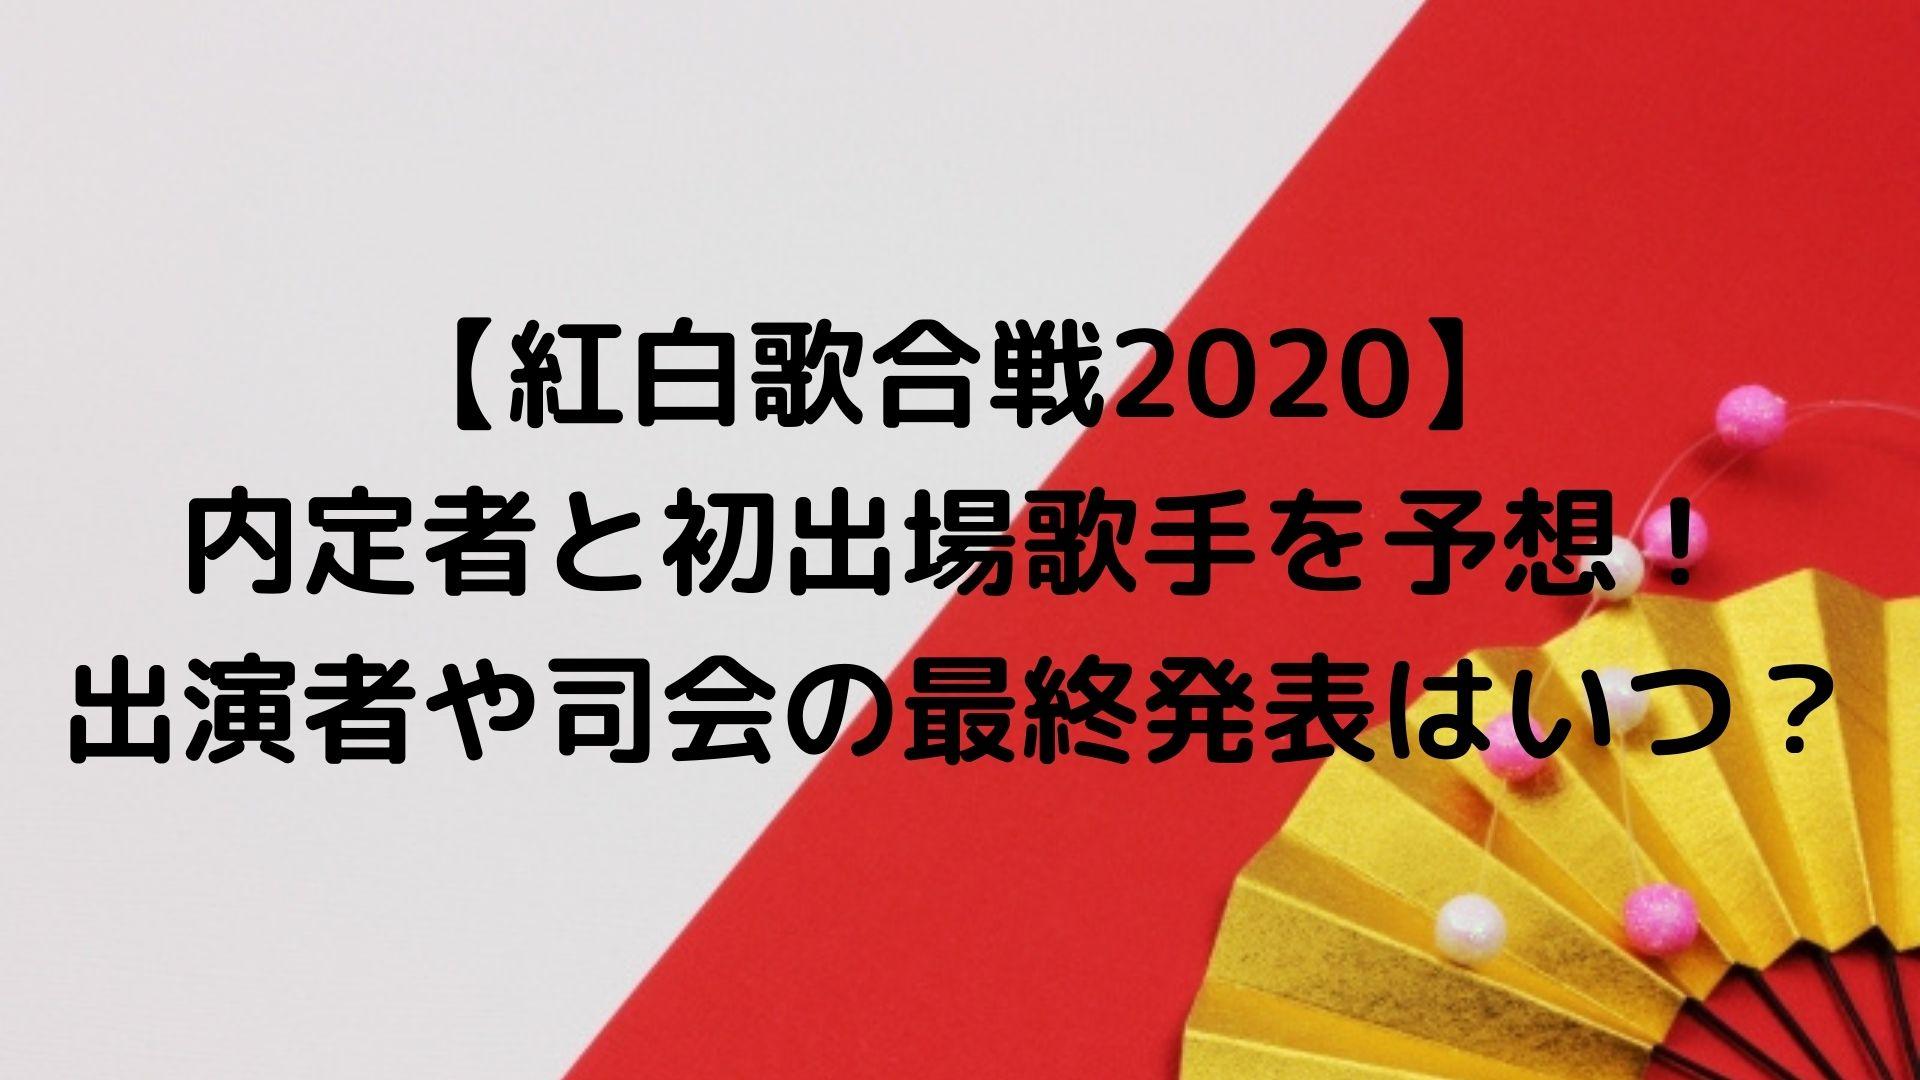 2020 合戦 紅白 出演 者 歌